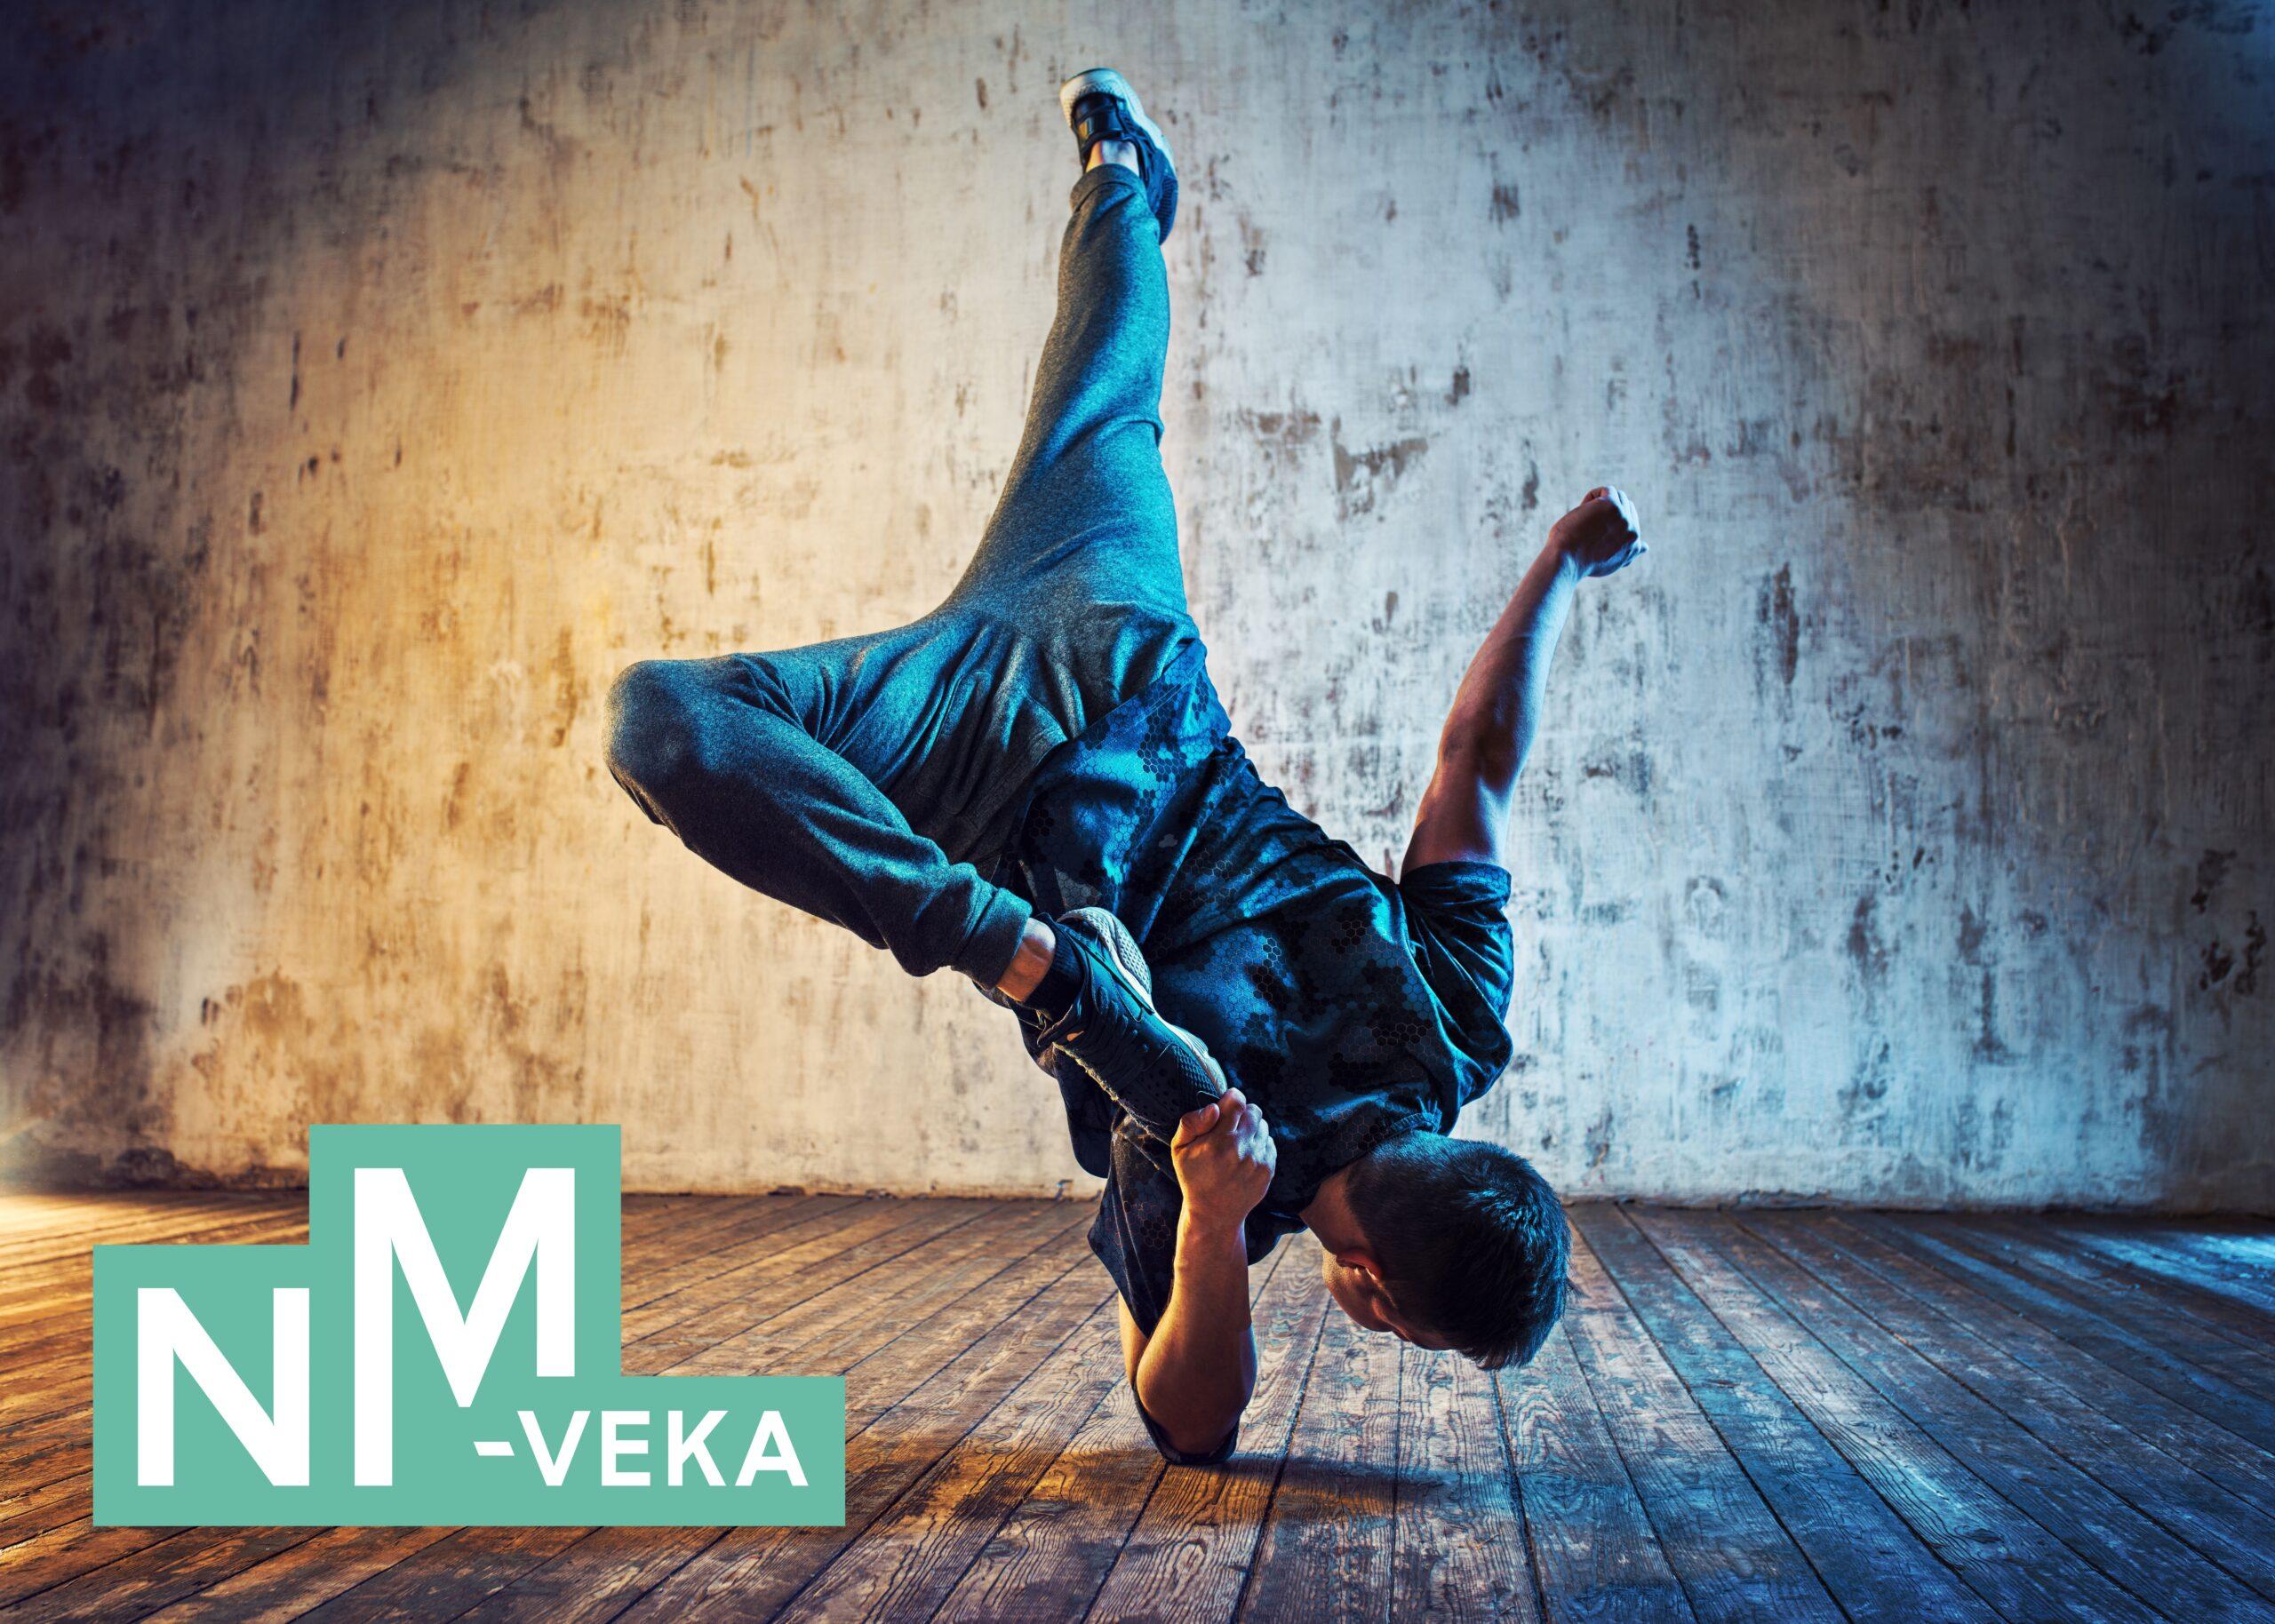 Gutt som danser og logoen til nm-veka. Foto/grafikk.